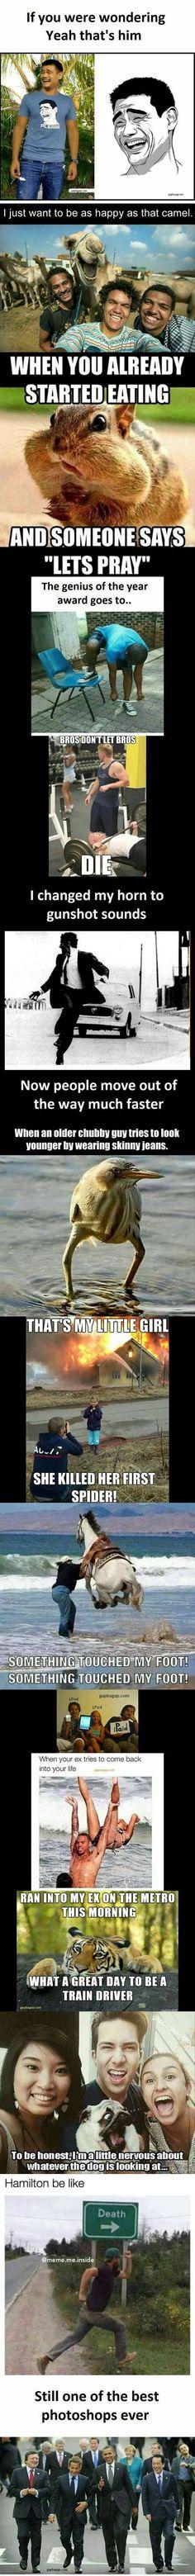 Top 15 Funniest Memes